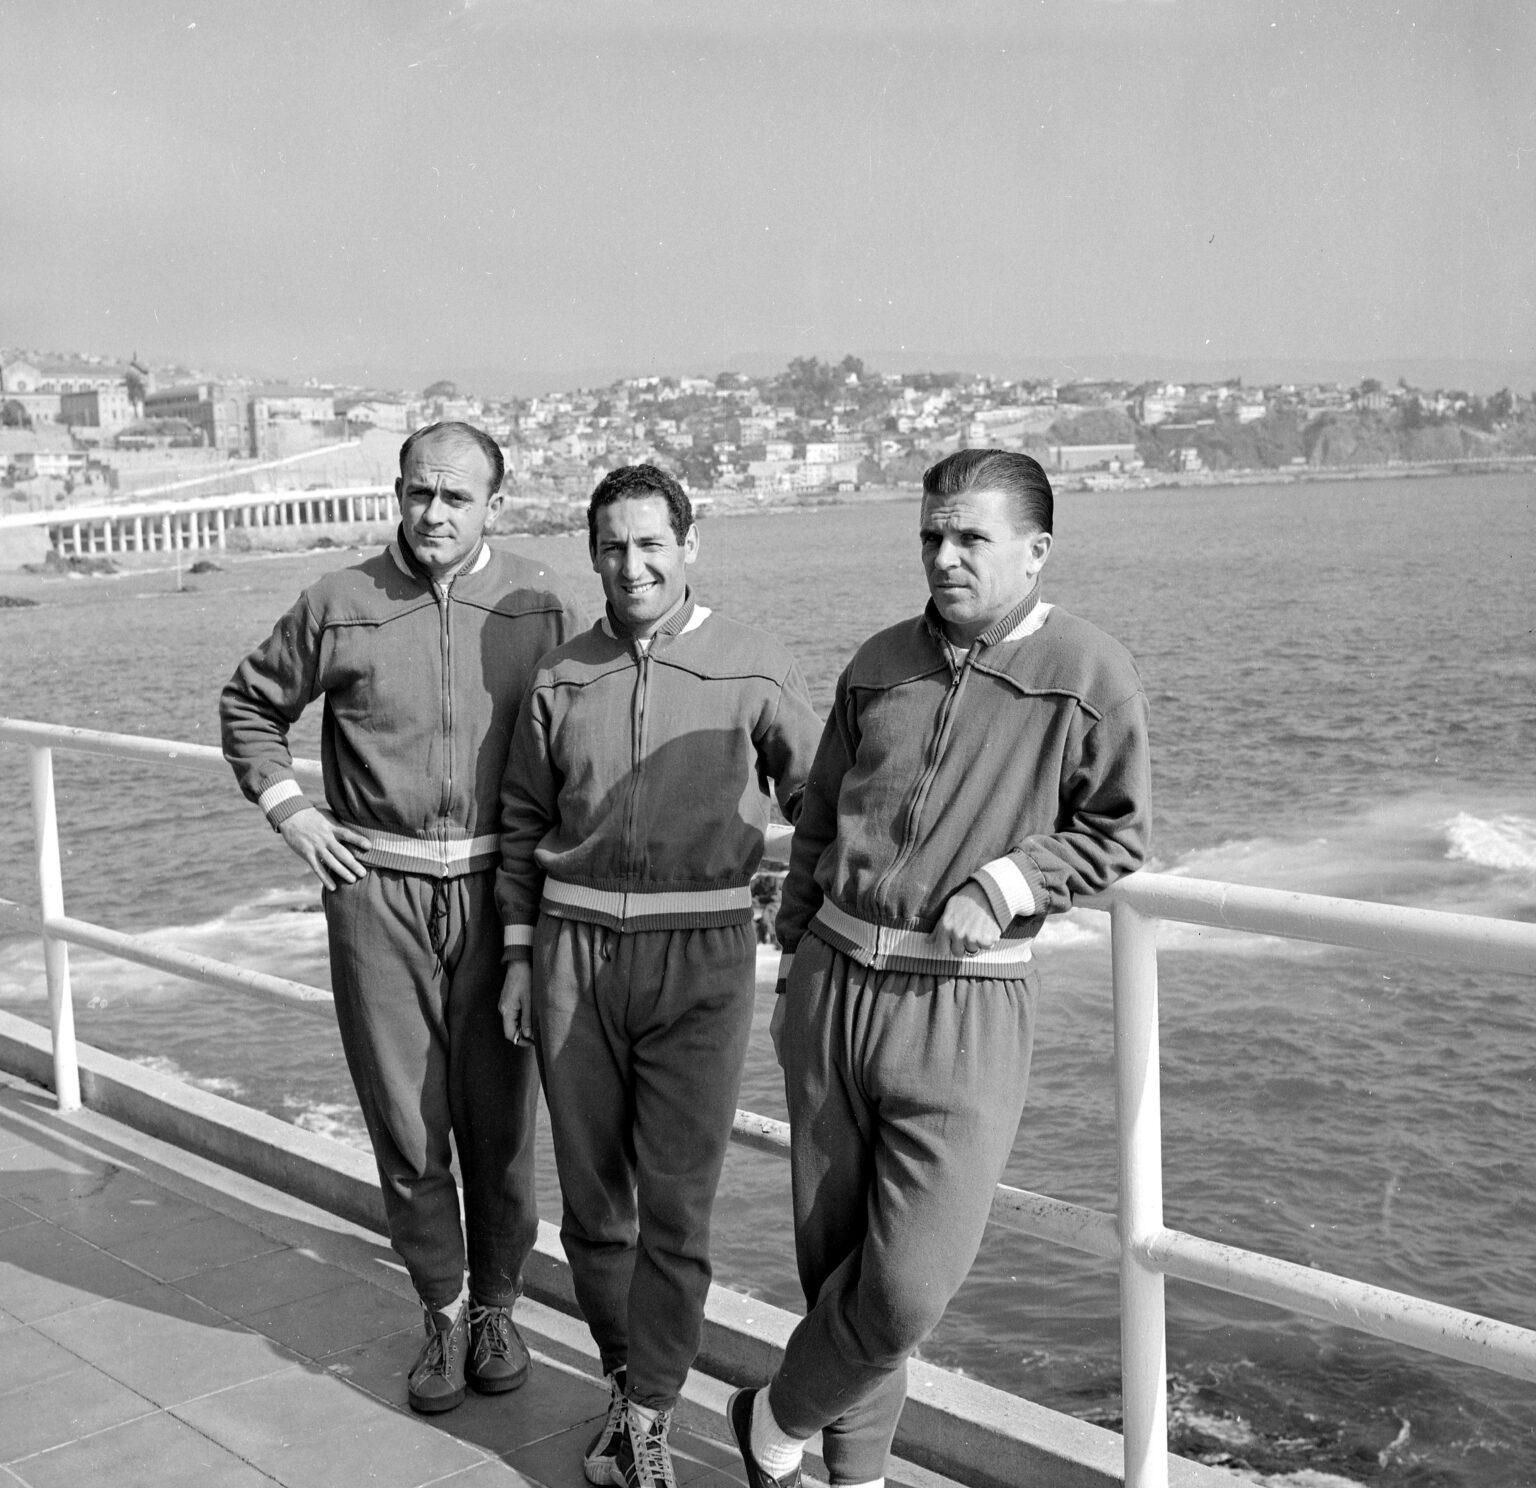 IMAGO / United Archives International